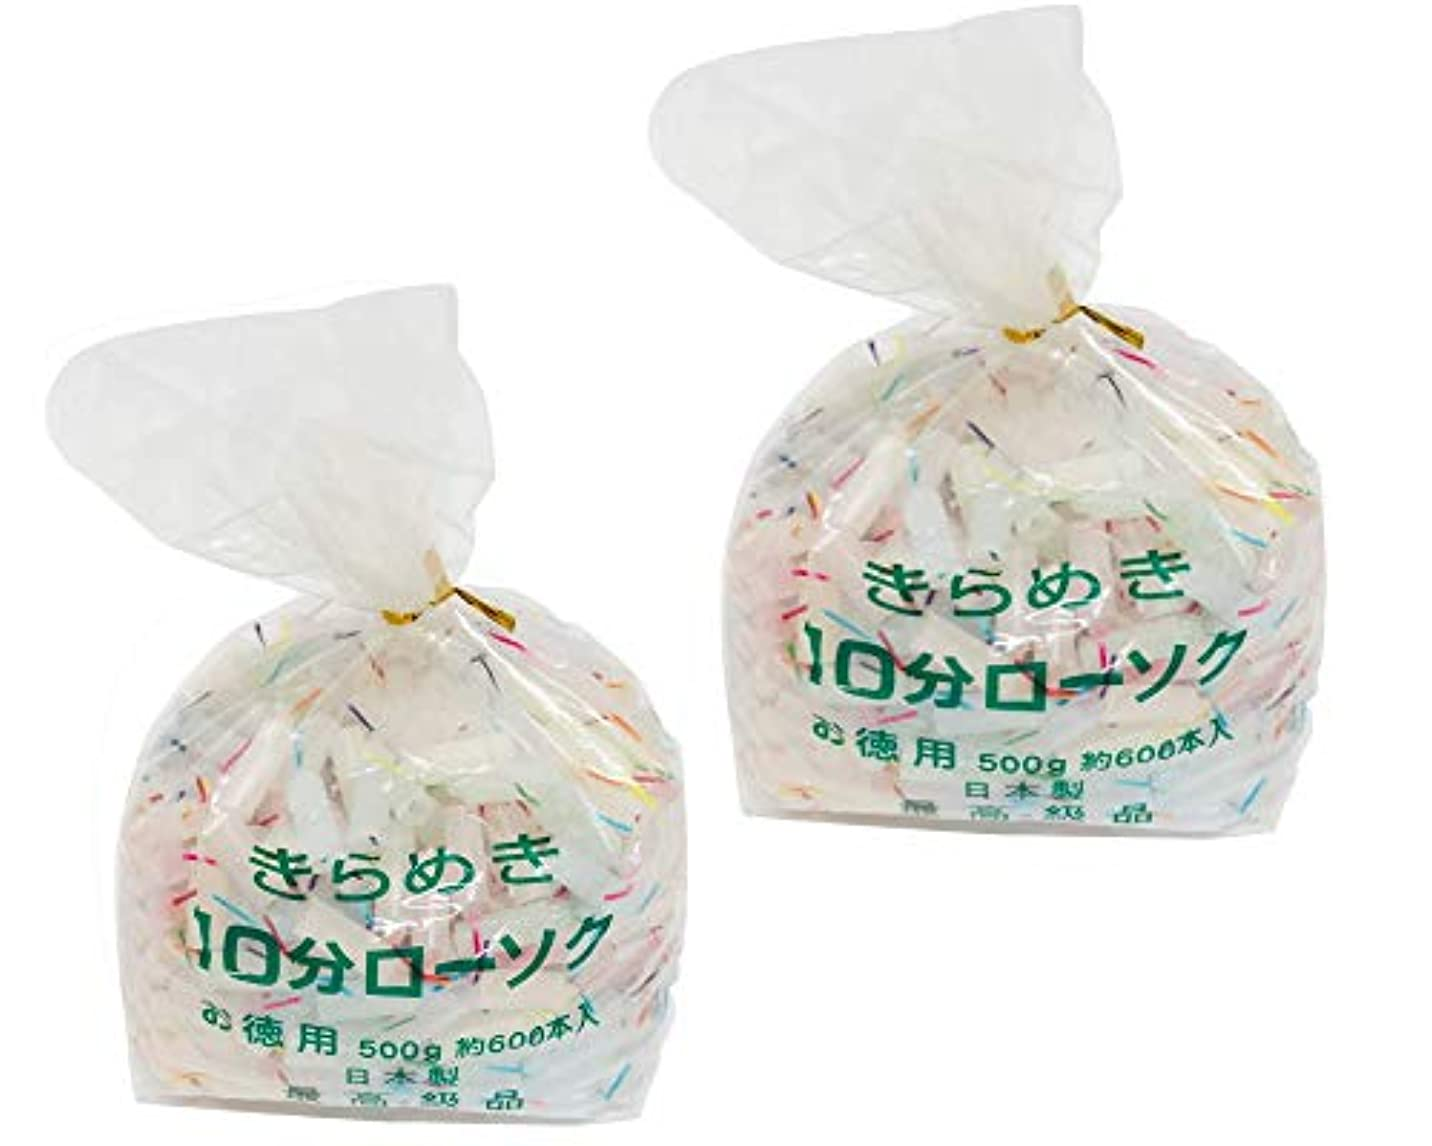 ブラウスびん近代化東亜ローソク ミニロウソク きらめき お徳用袋入 5分?10分 (10分カラーローソク2袋)